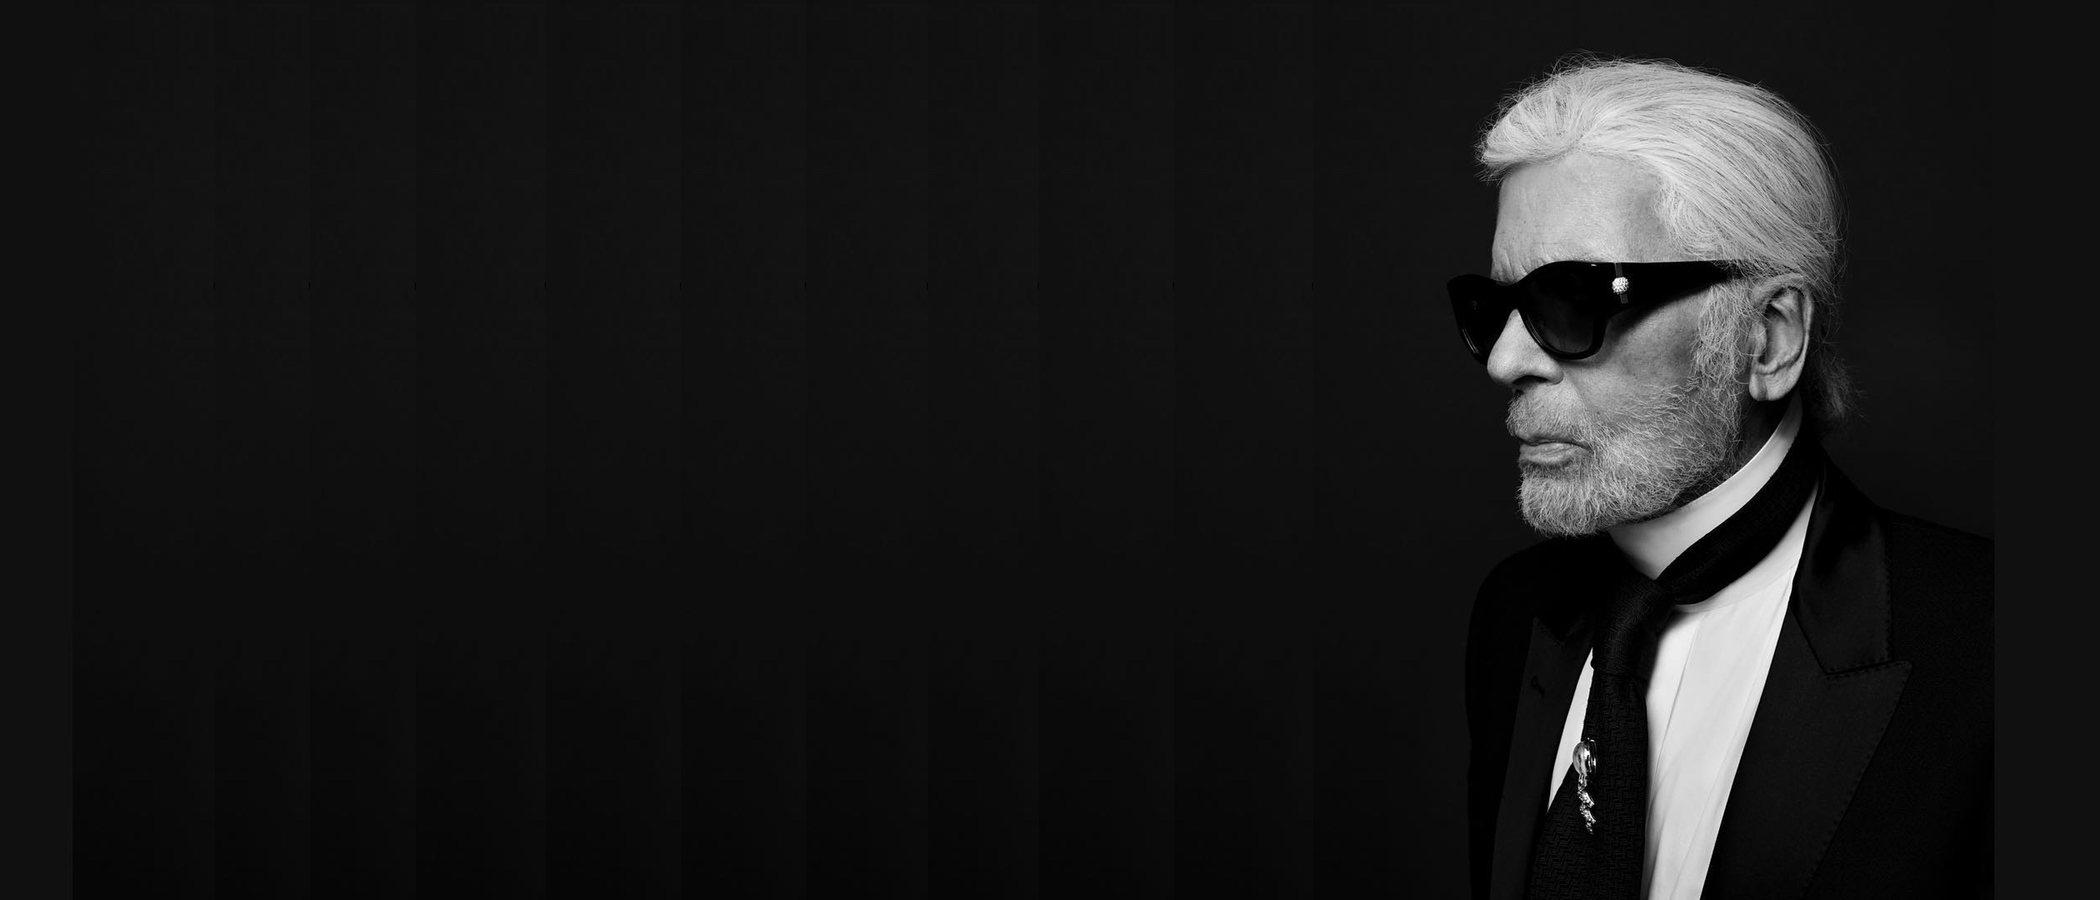 Karl Lagerfeld, un diseñador que cambió el mundo de la moda